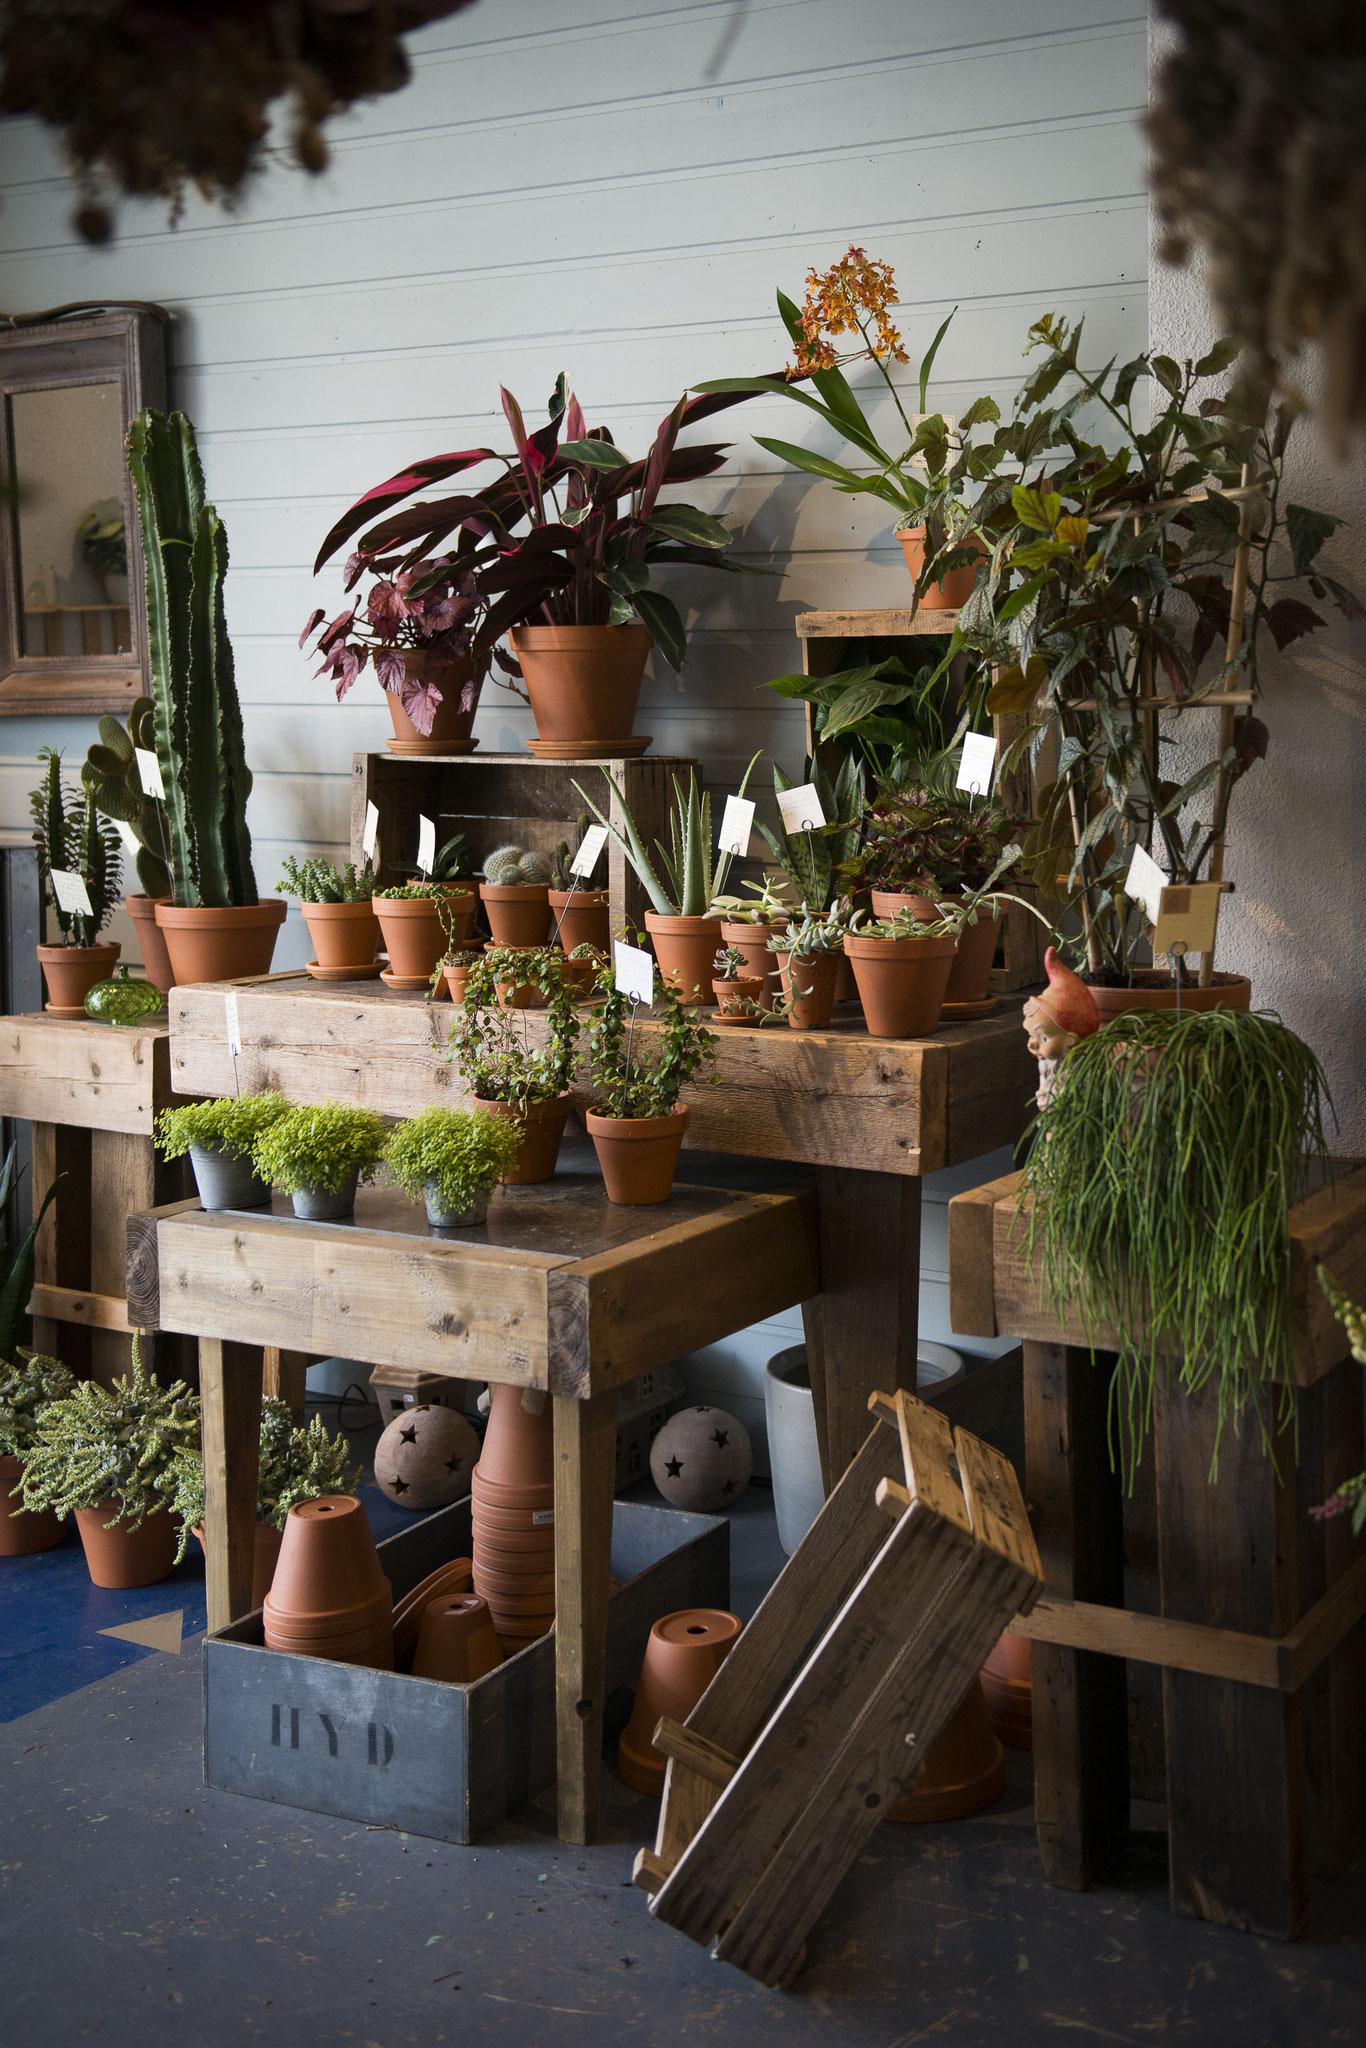 Le coin plantes diverses et variés selon les arrivages